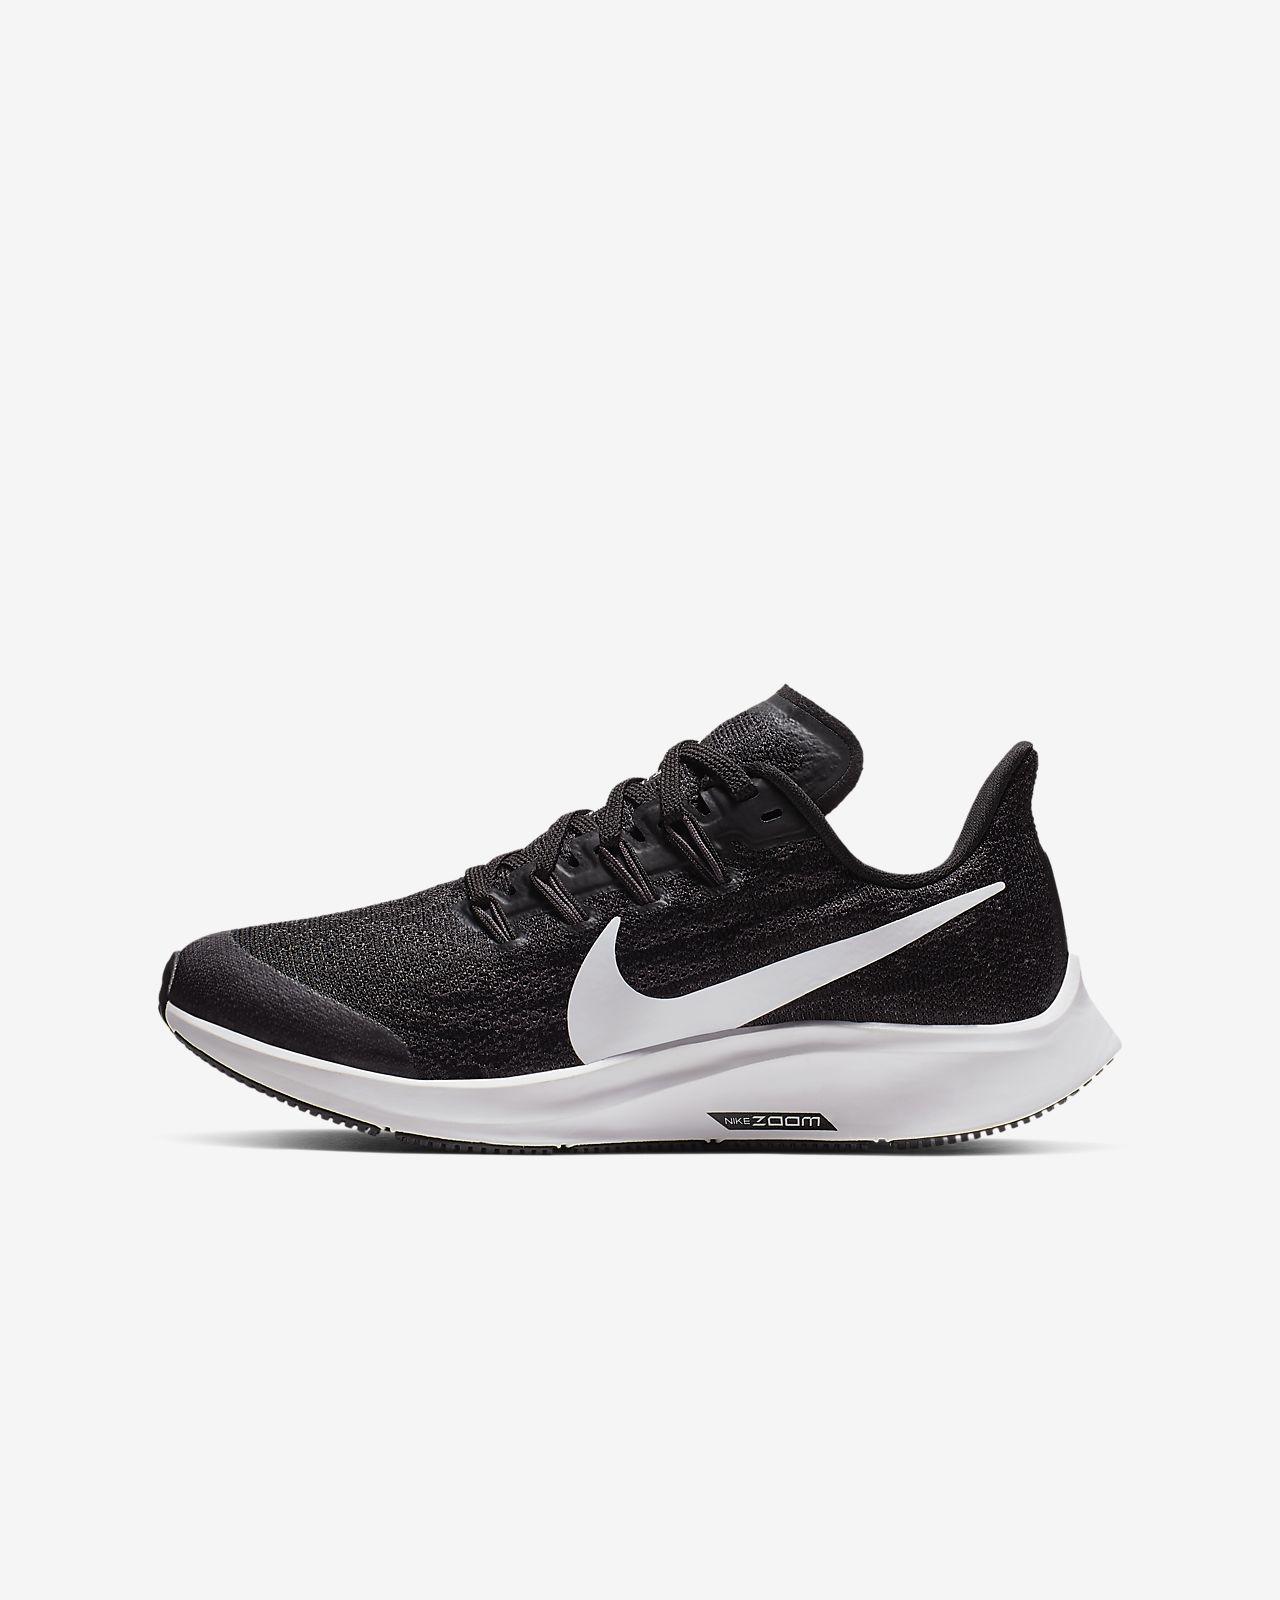 Sapatilhas de running Nike Air Zoom Pegasus 36 para criança/Júnior